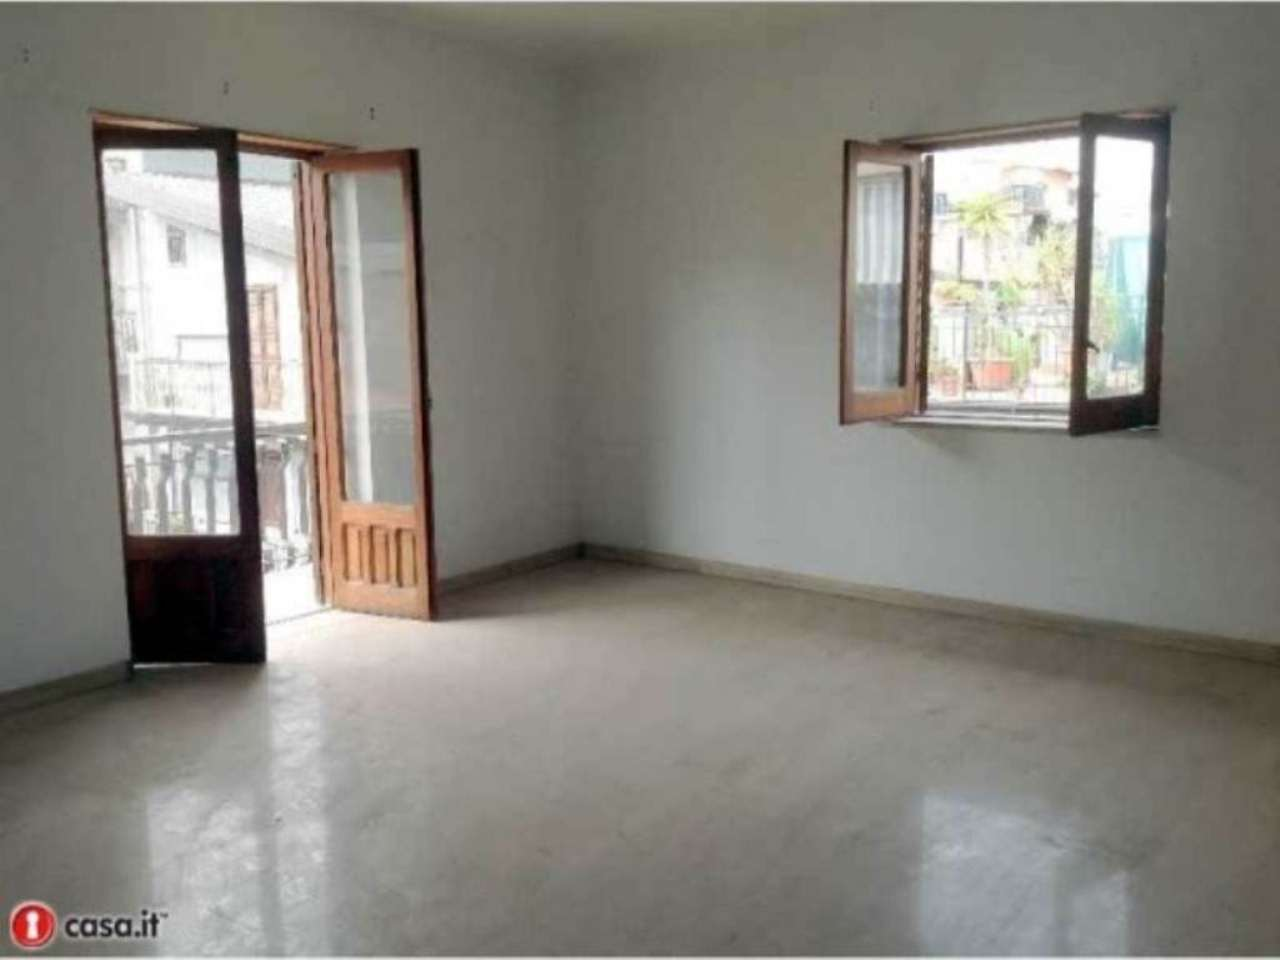 Appartamento in vendita a Paternò, 6 locali, Trattative riservate | Cambio Casa.it